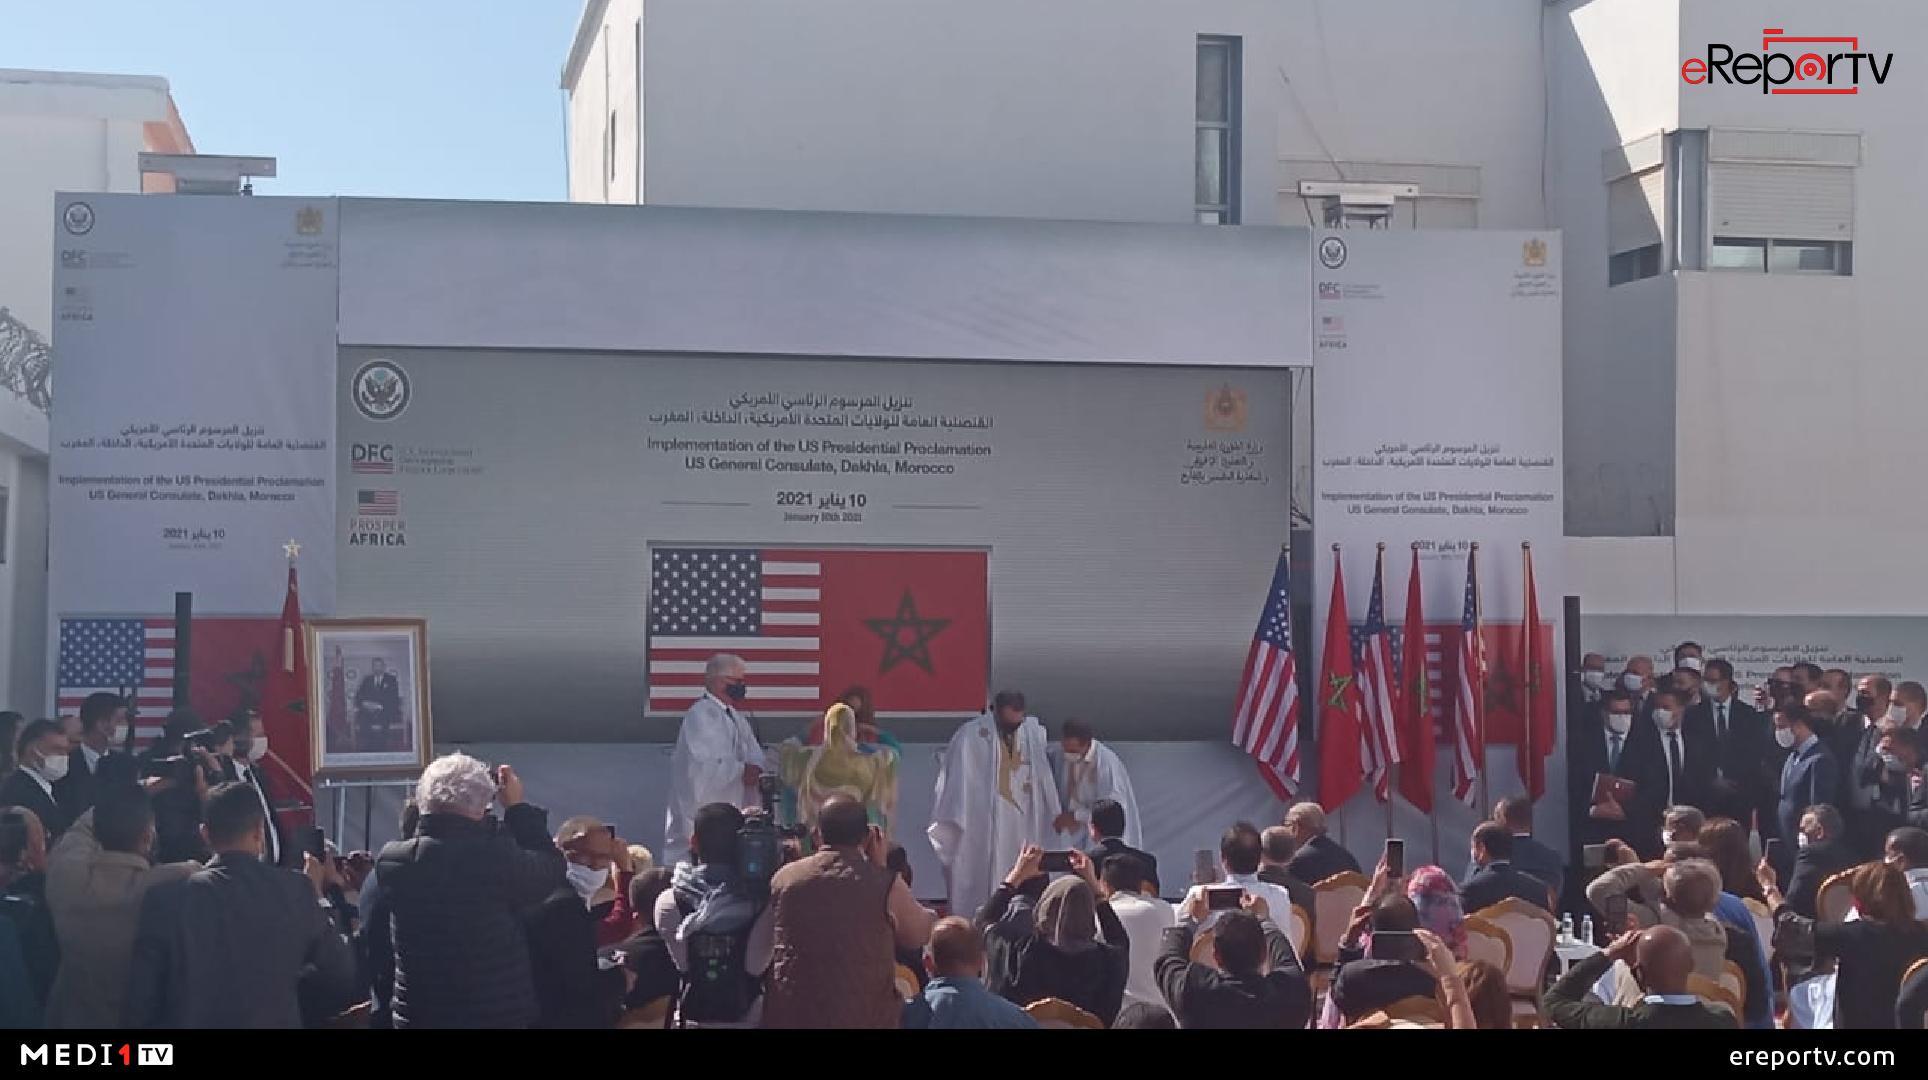 مسؤول رفيع بالخارجية الأمريكية والسفير الأمريكي بالرباط يرتديان الزي الصحراوي المغربي بالداخلة